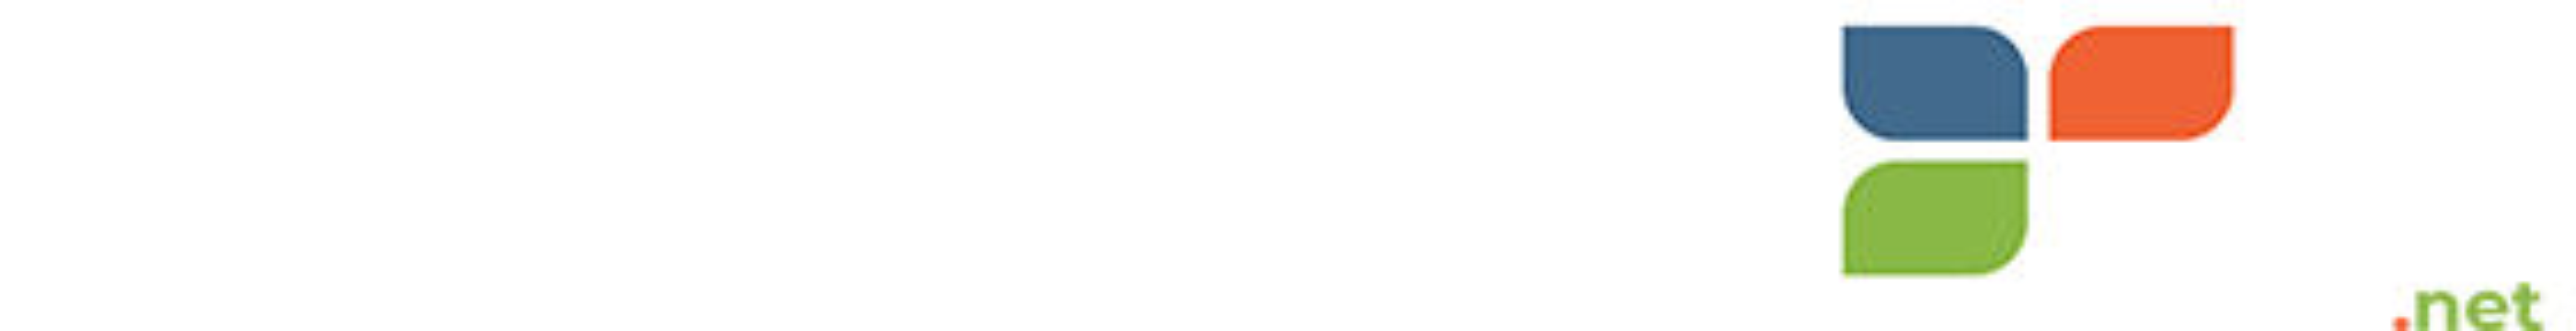 NOREX.net logo w tagline horizontal rev